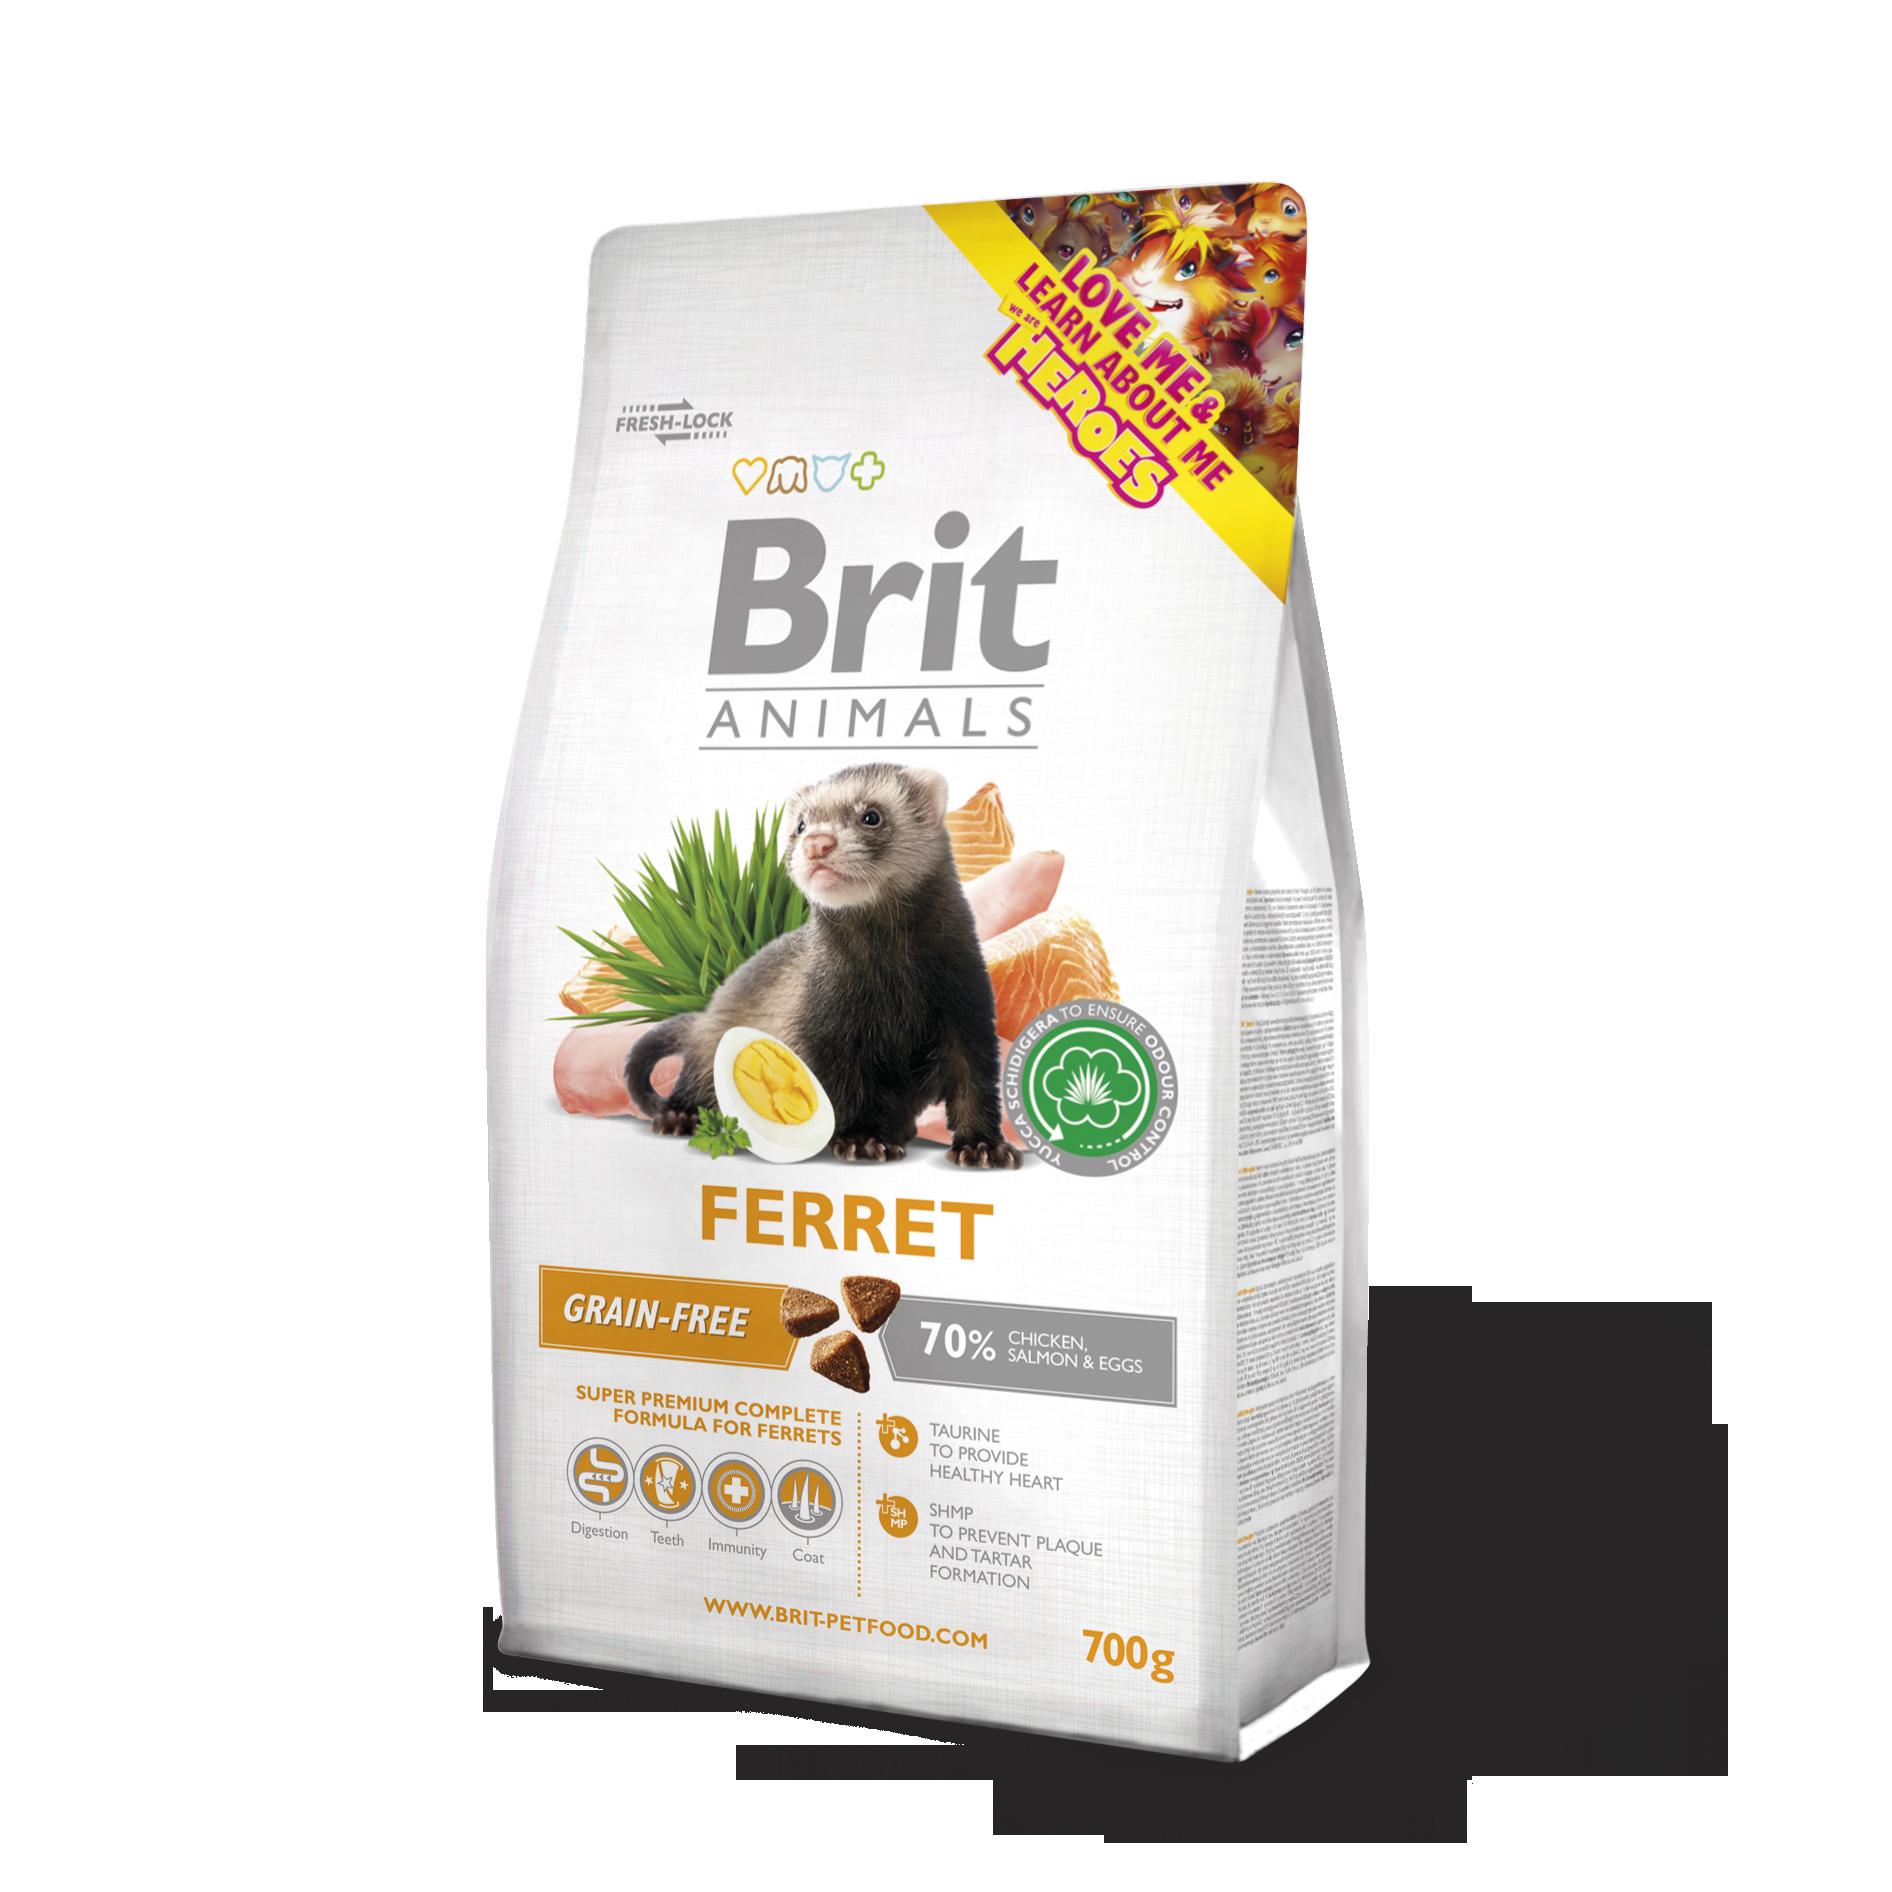 Brit Animals Complete Iller 700g